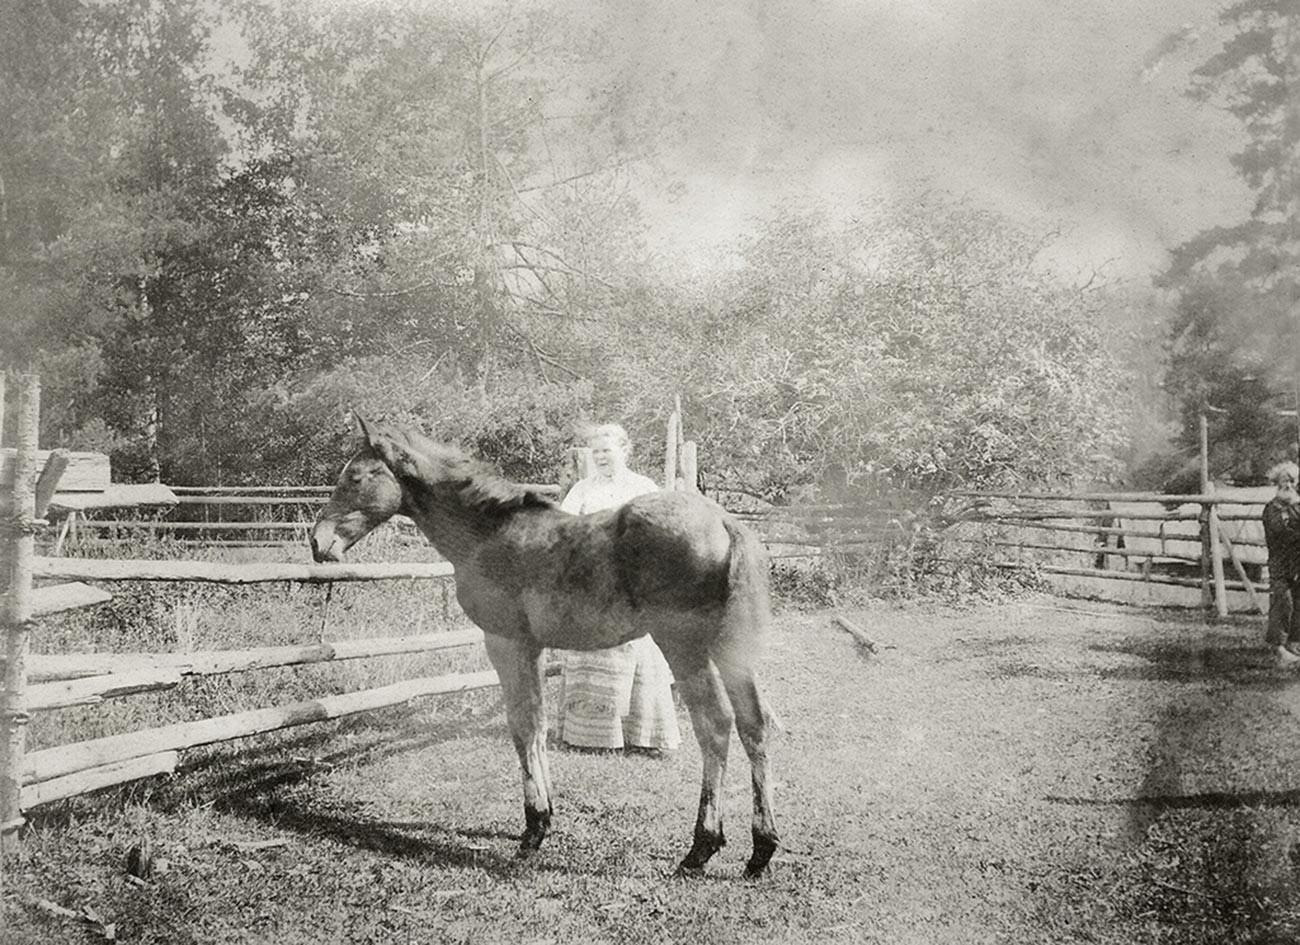 マリア・ポレノワと馬のアリーサ。パヴロウシュコエ邸